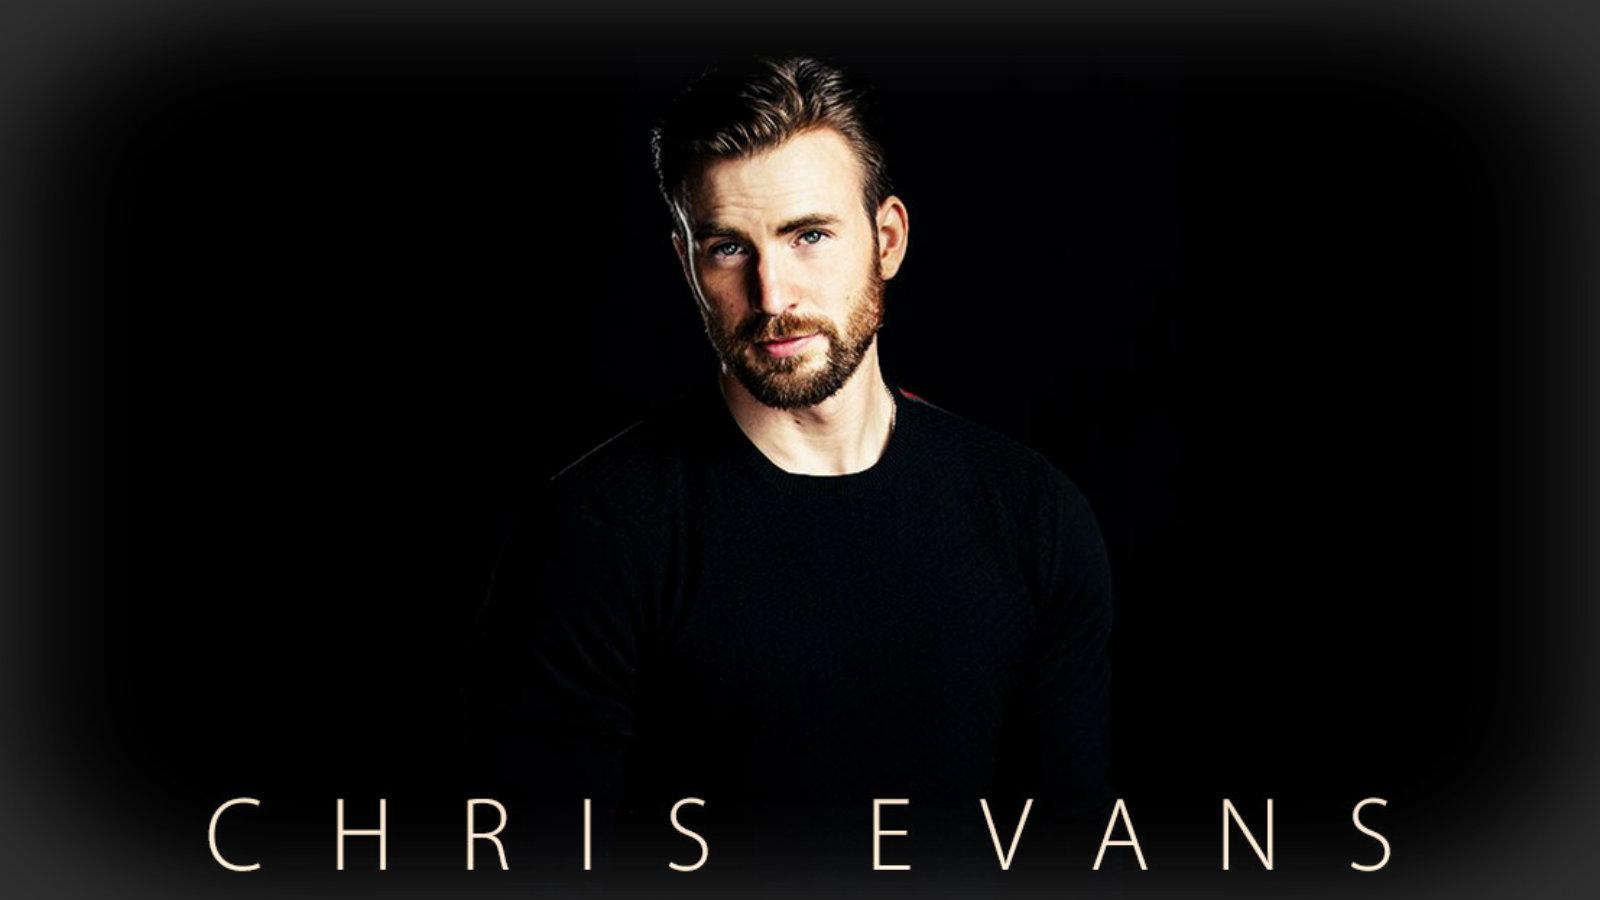 Chris Evans Chris Evans Wallpaper 41540931 Fanpop Page 2